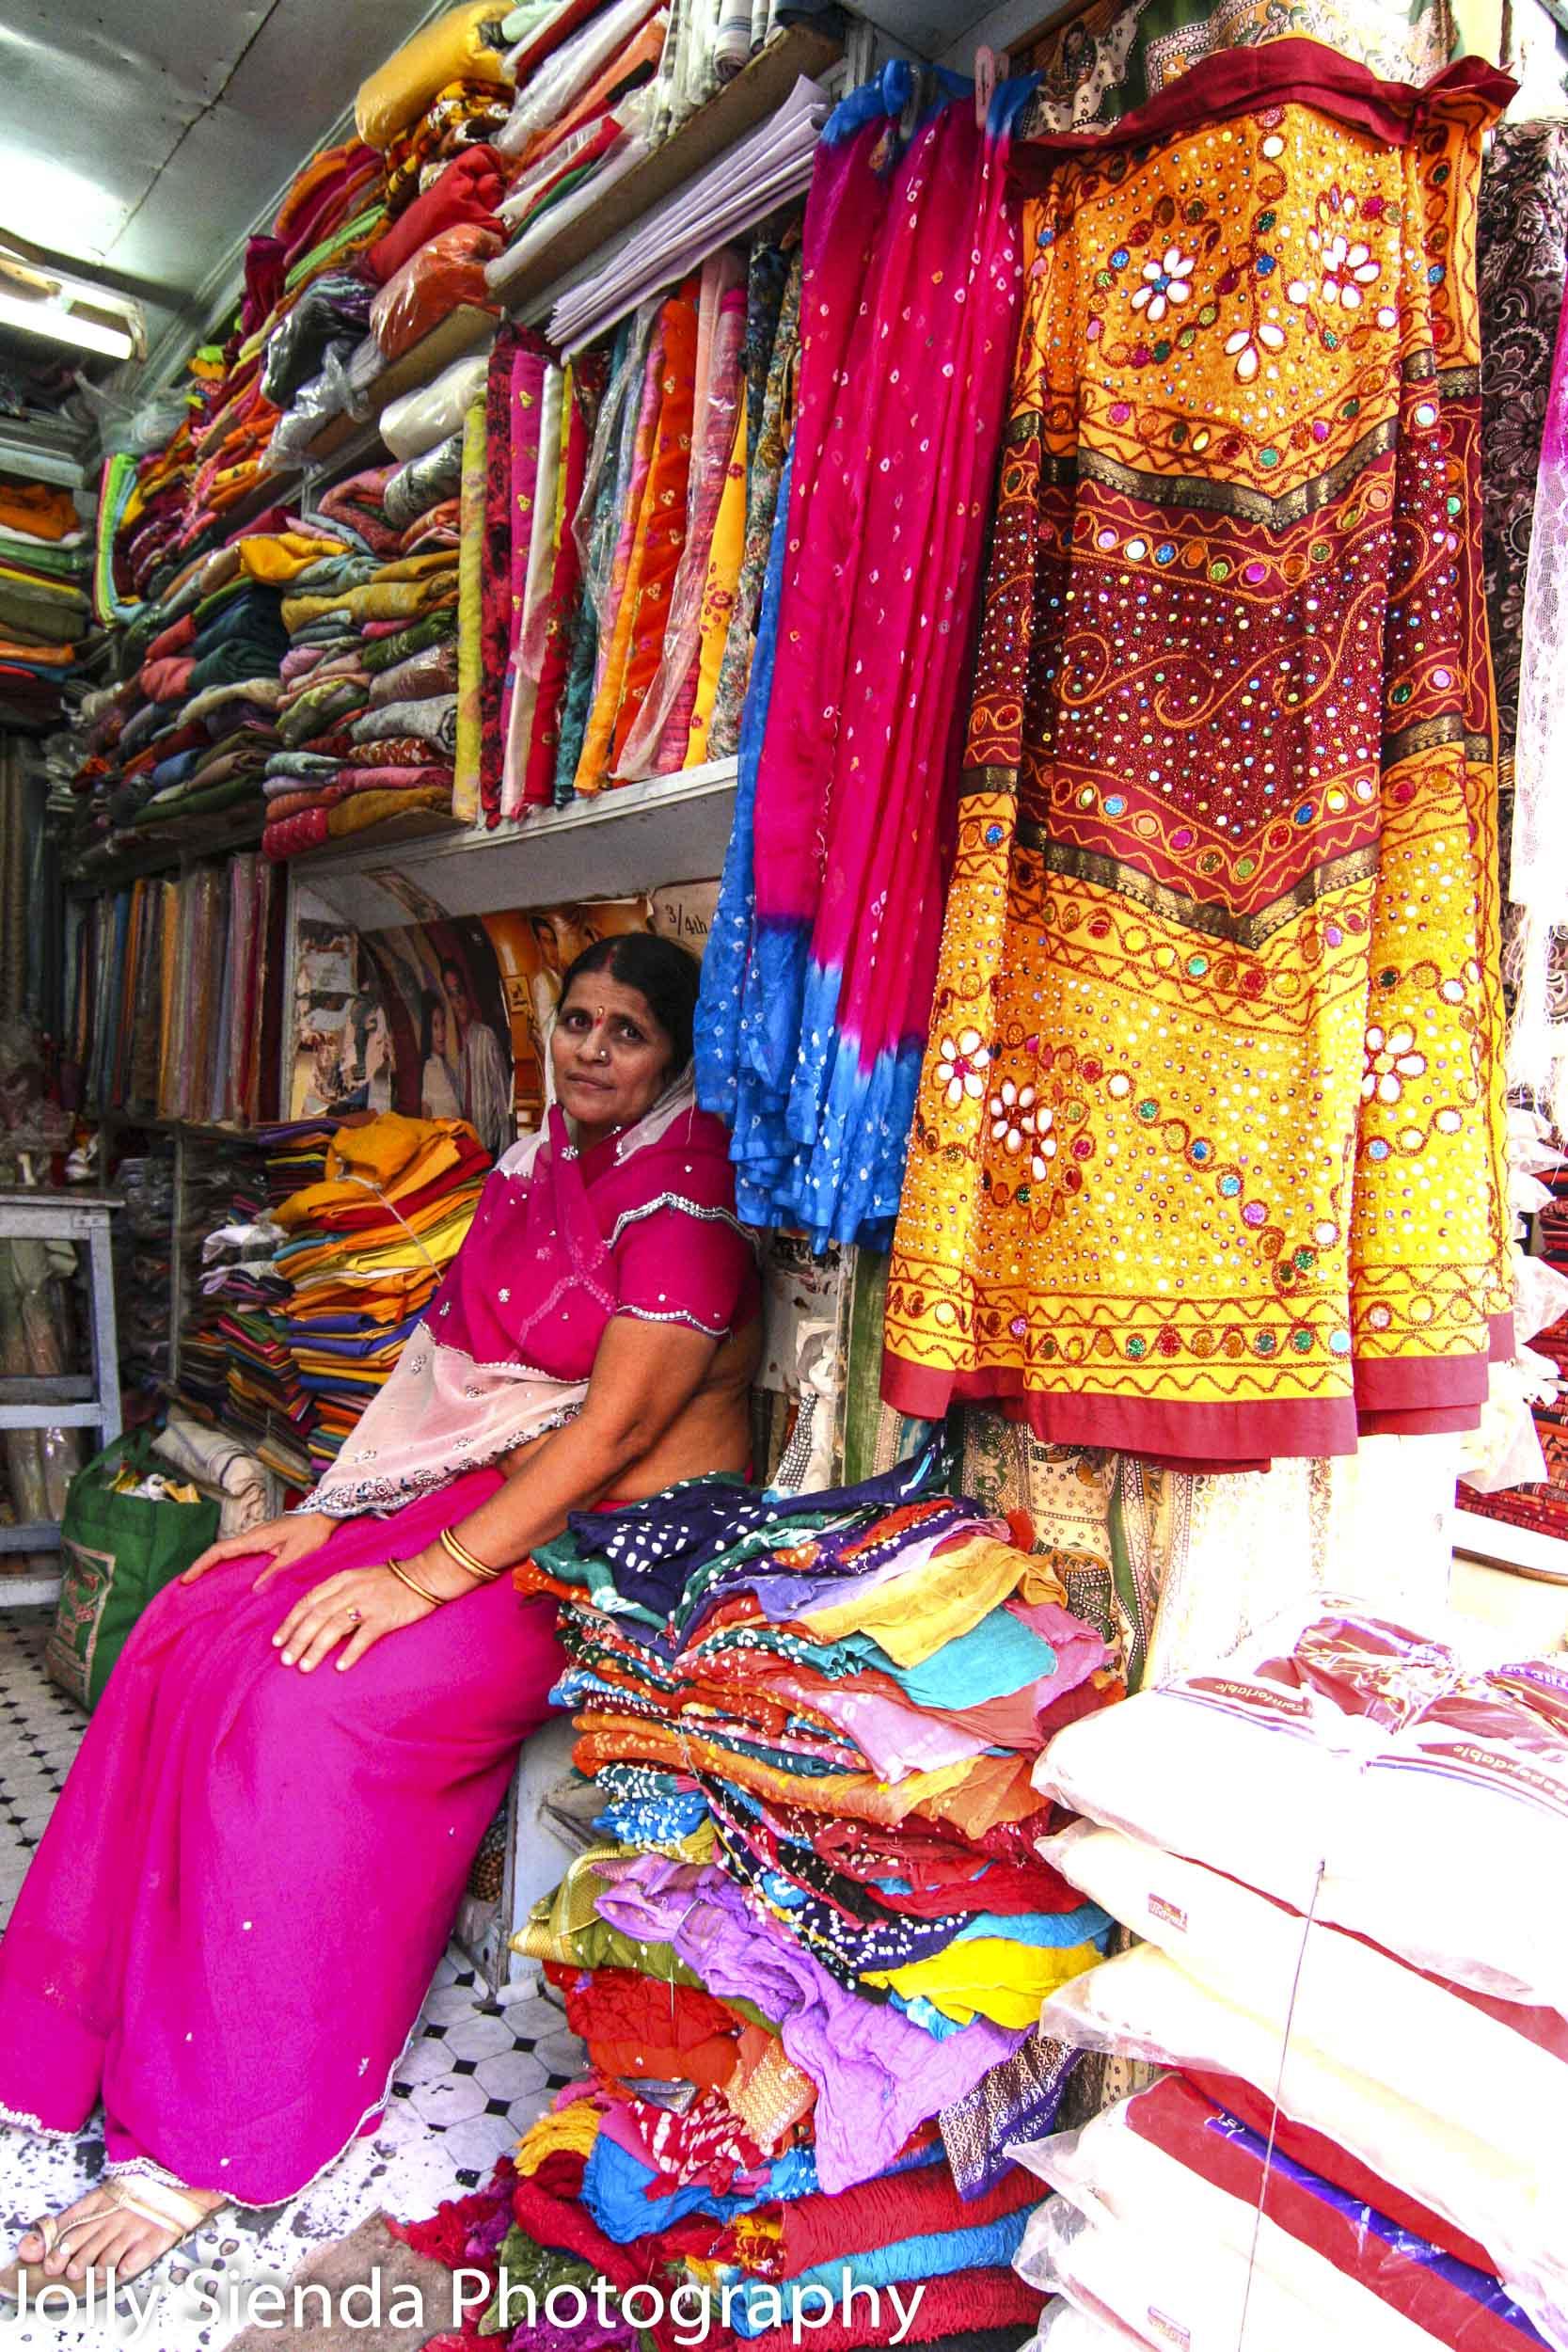 Woman selling saris